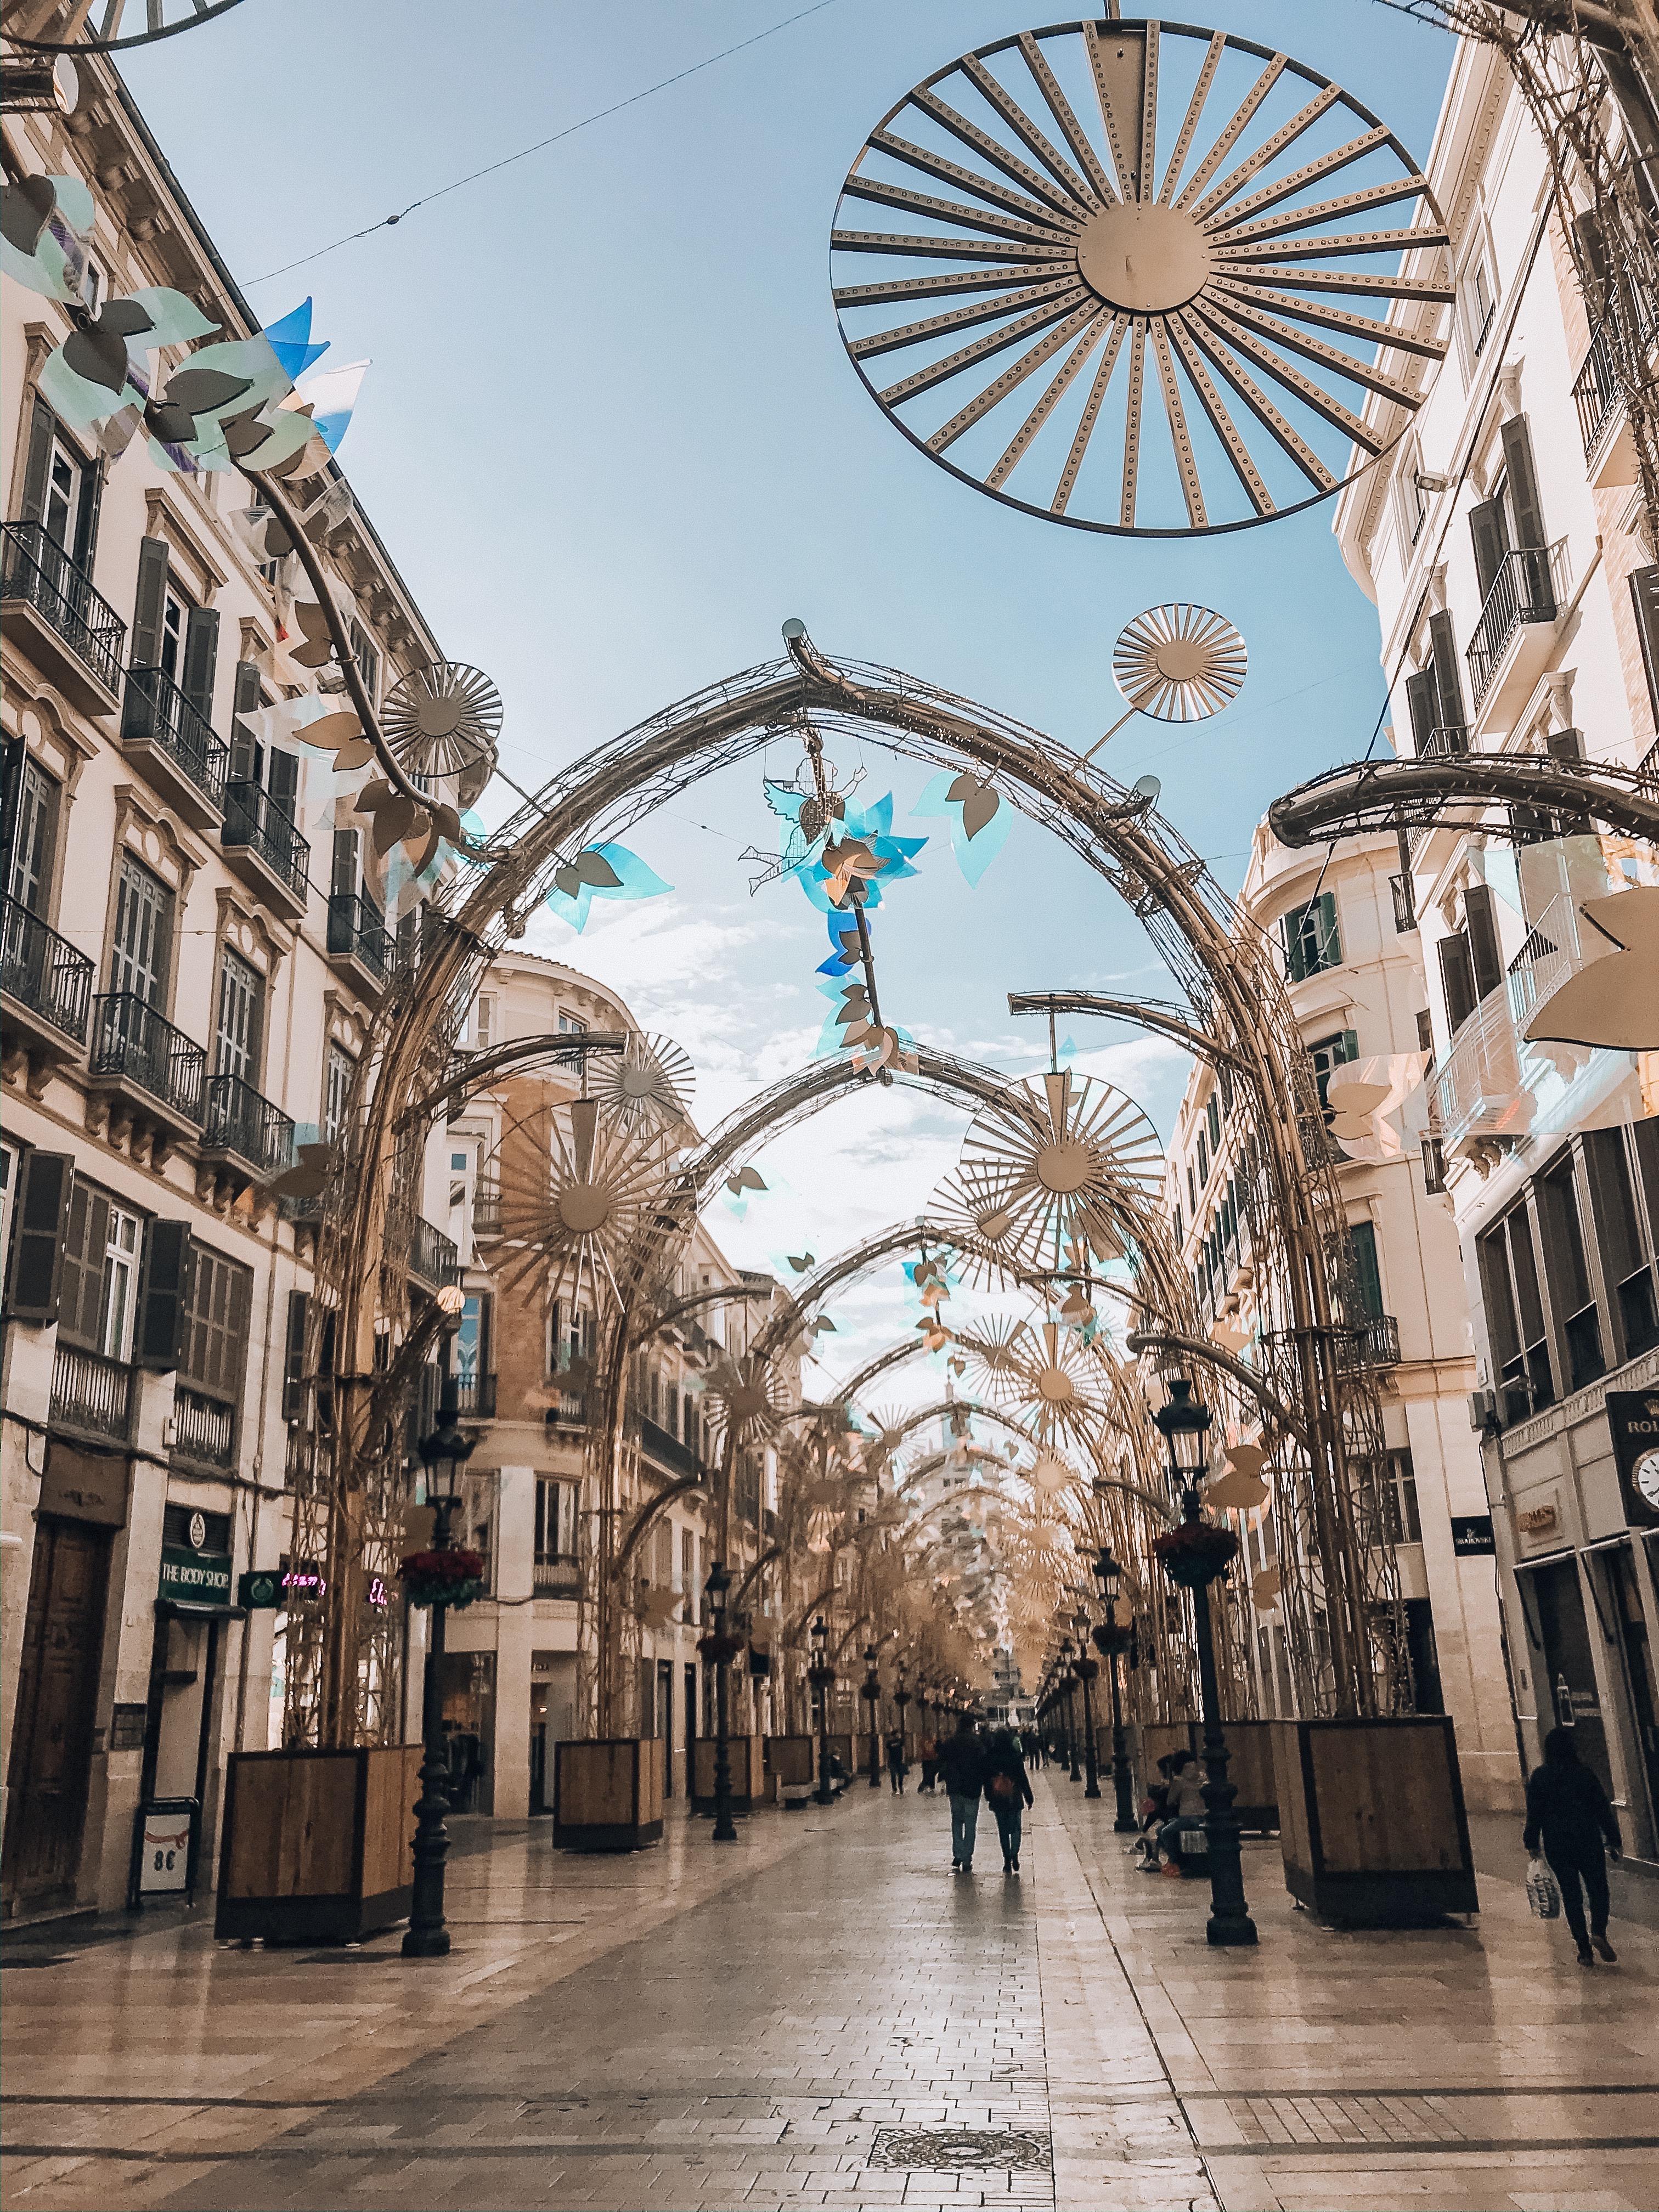 Boże Narodzenie w Maladze 2019